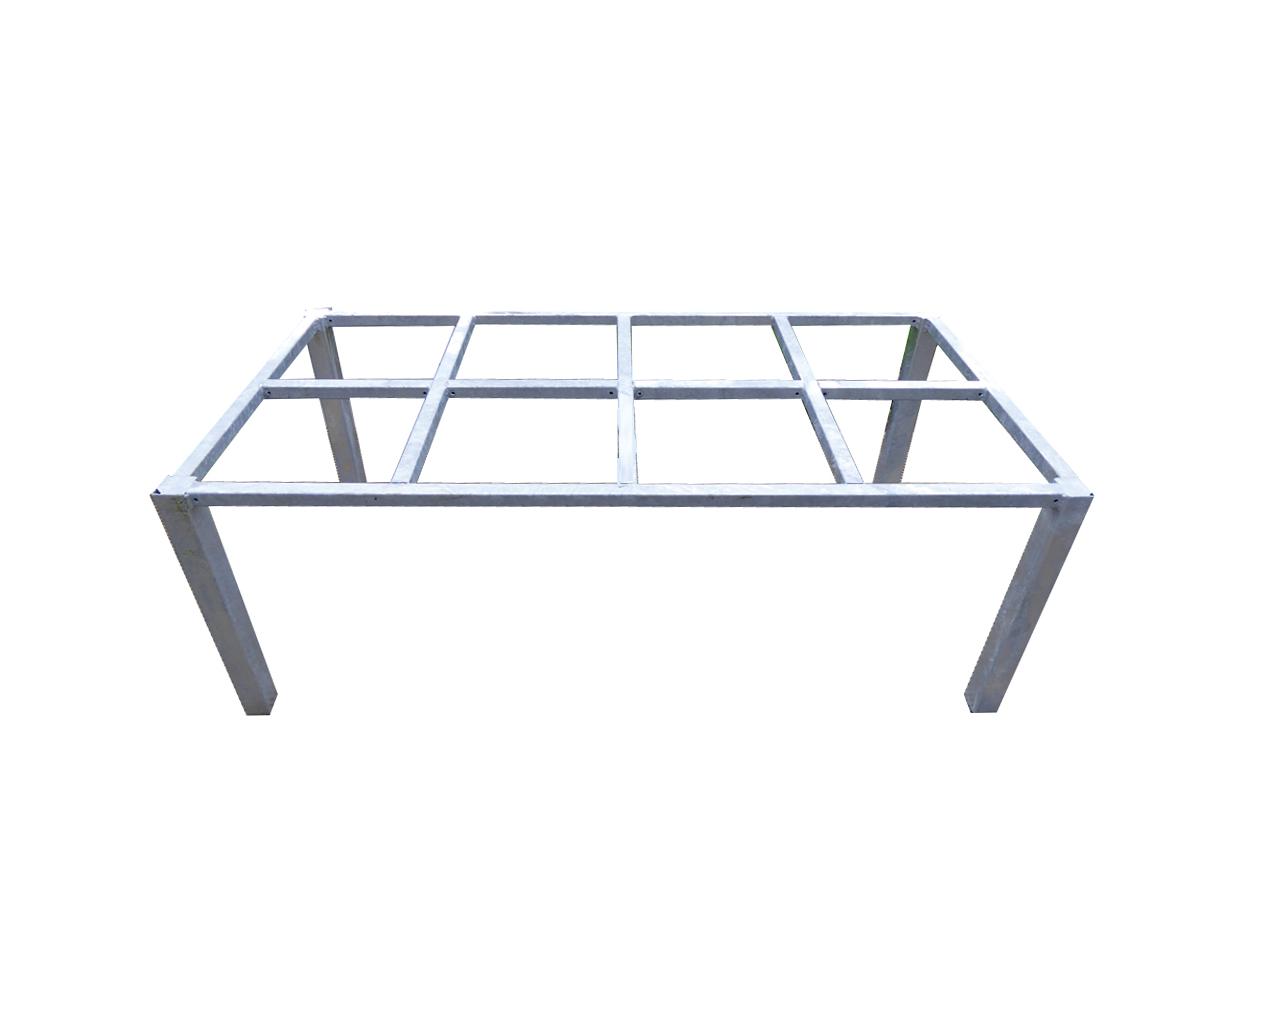 Tafel onderstel staal verzinkt 260 cm for Stalen onderstel tafel laten maken